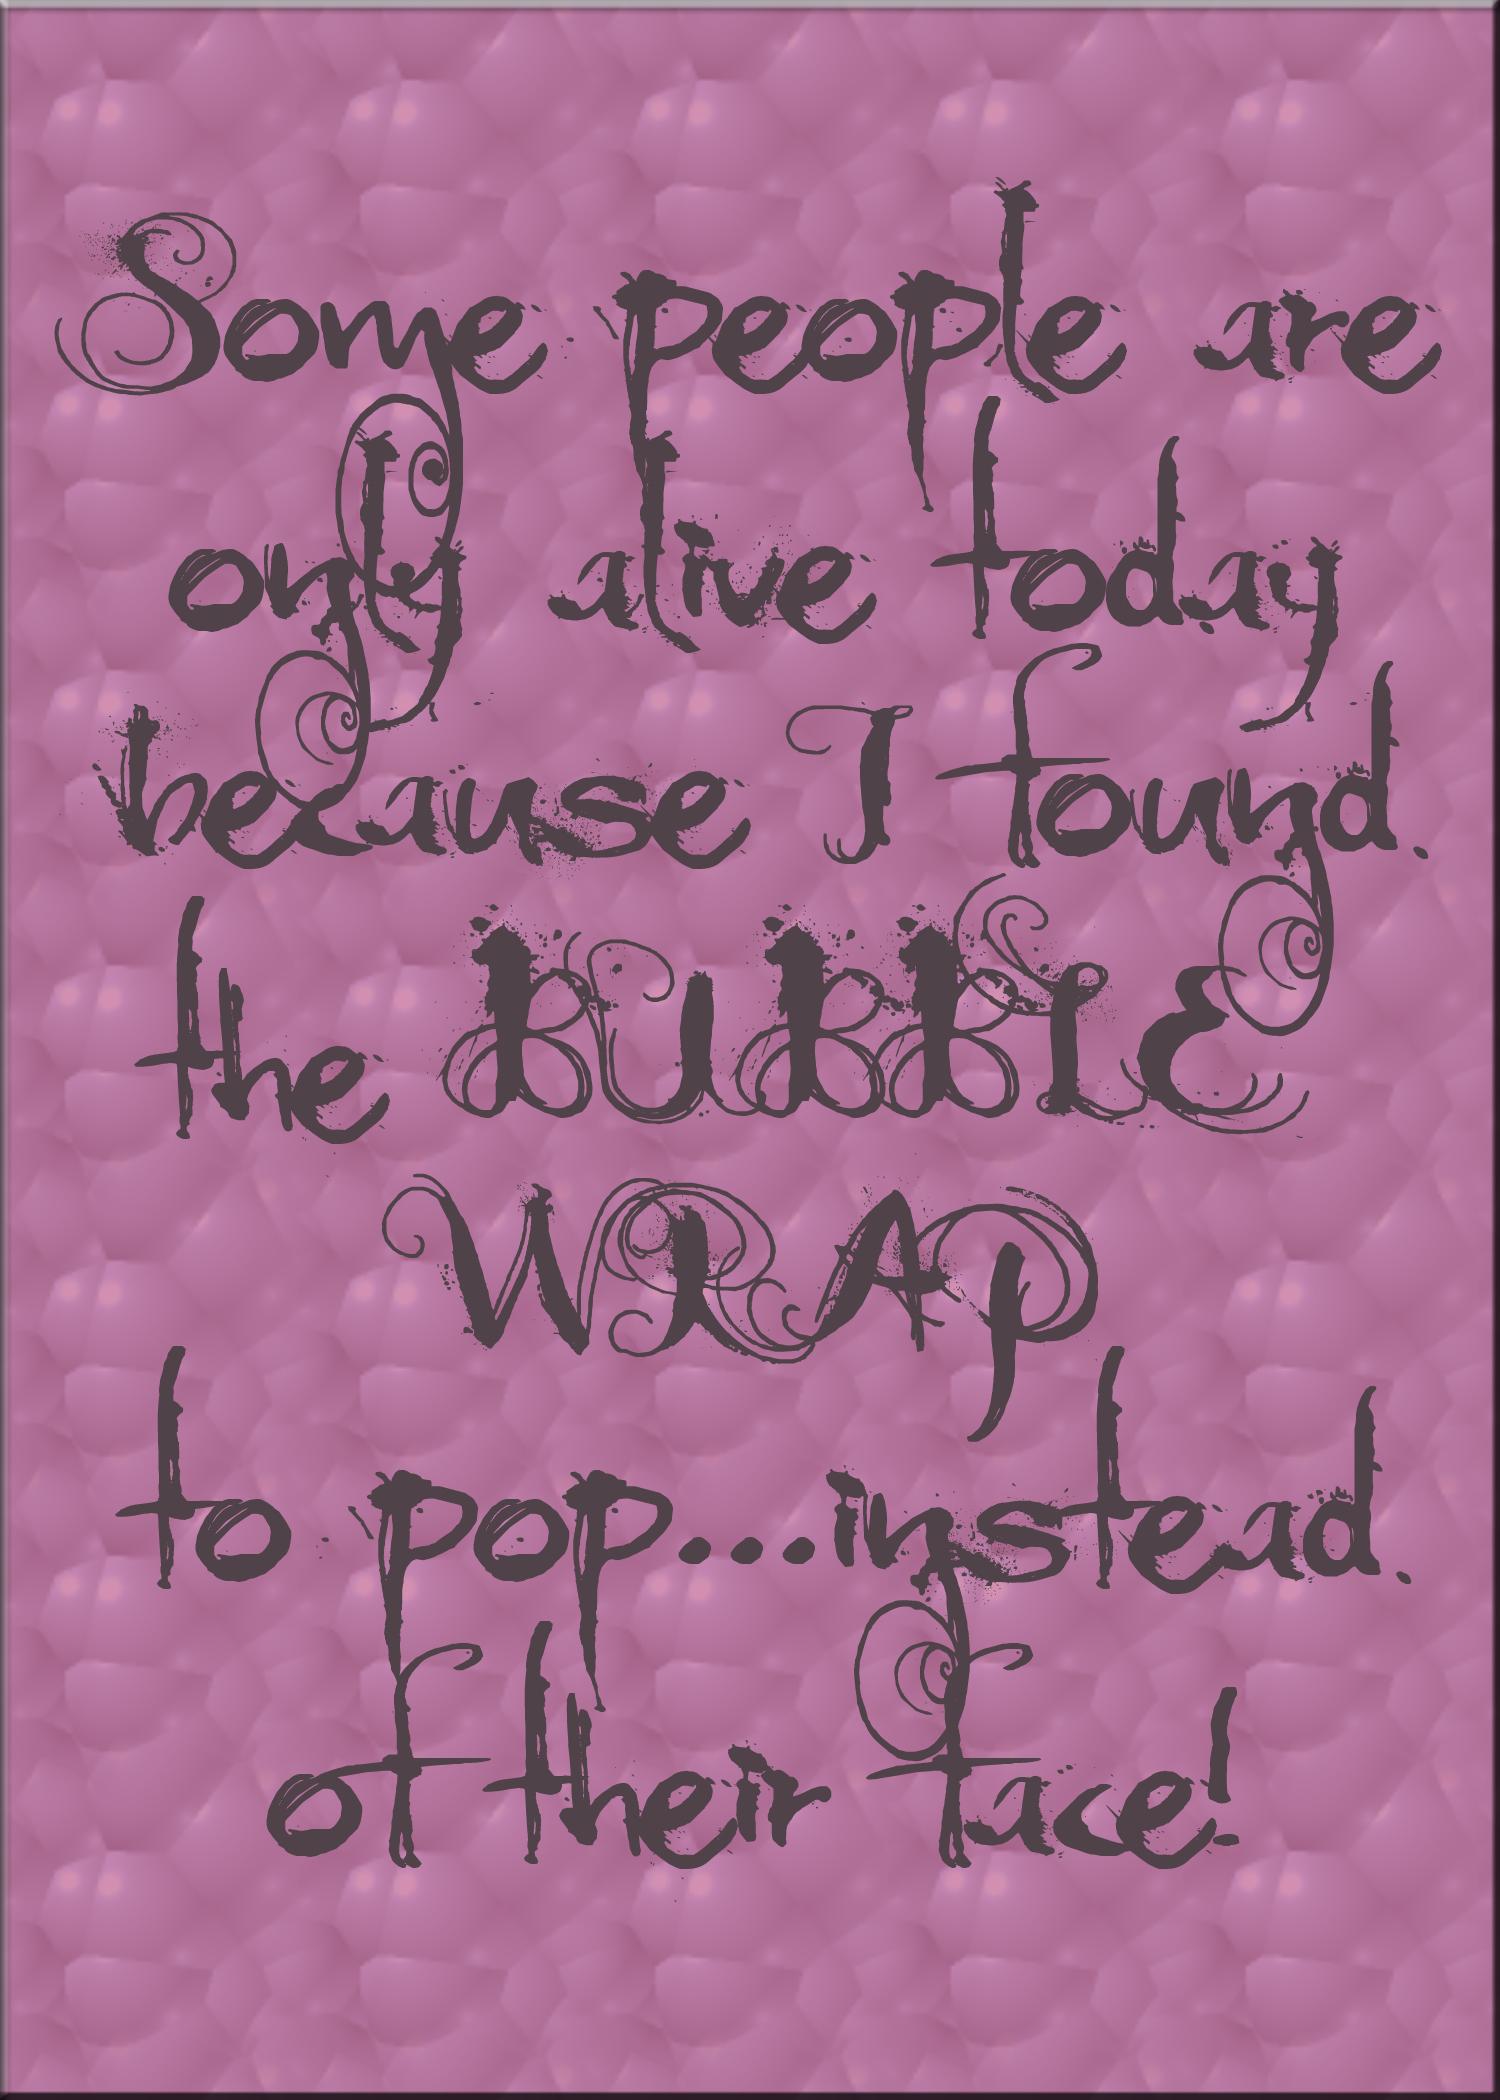 Wrap quote #2